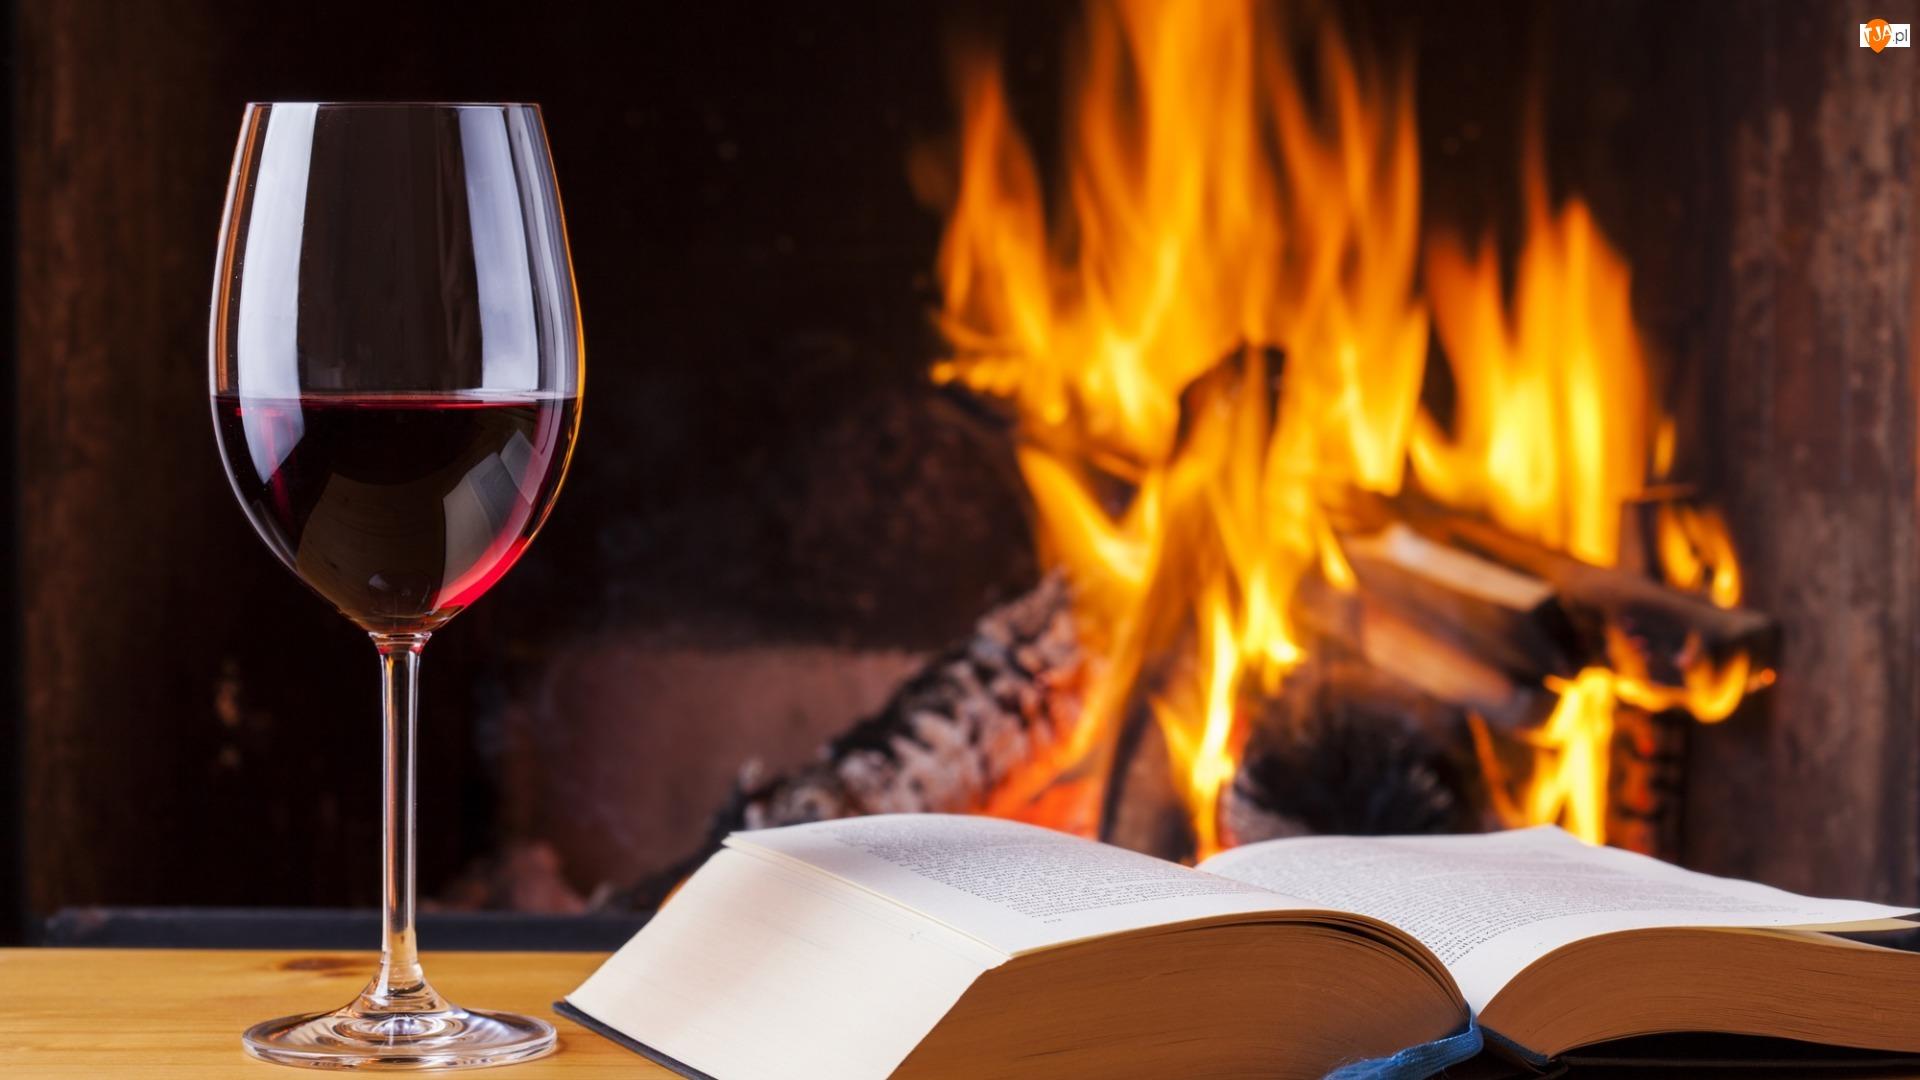 Kieliszek, Ogień, Wino, Książka